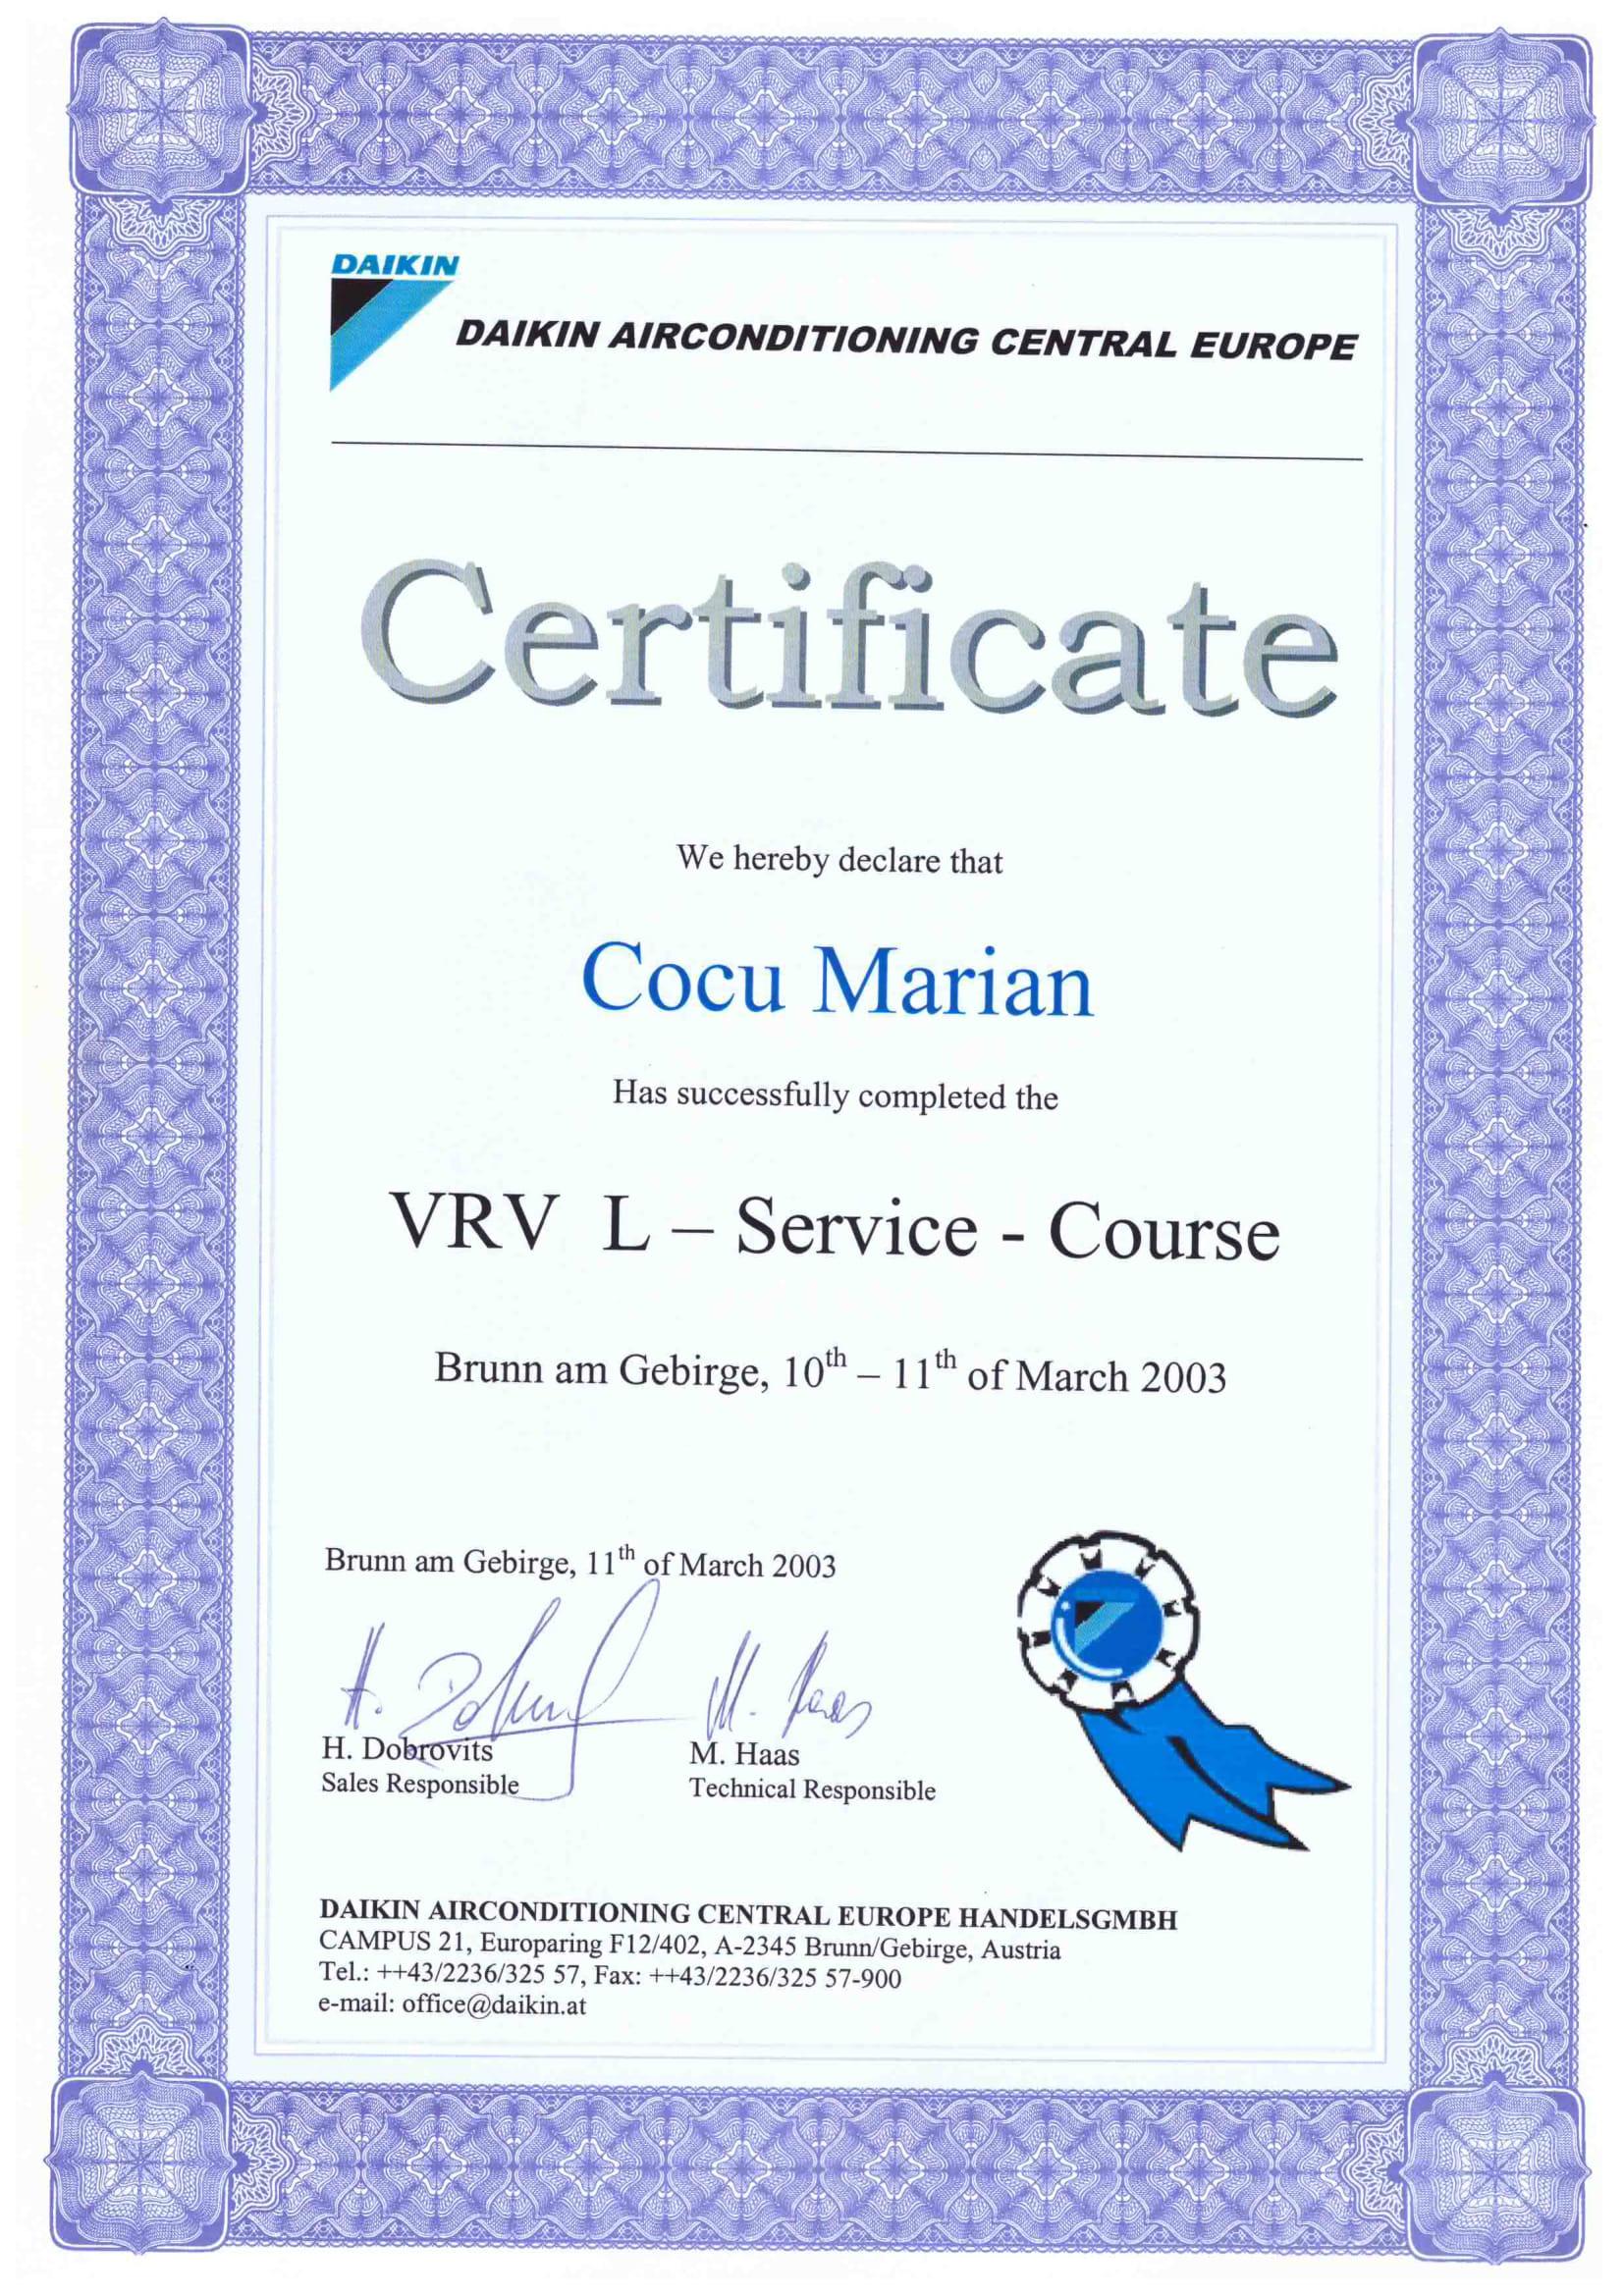 Certificat VRV - L_COCU MARIAN